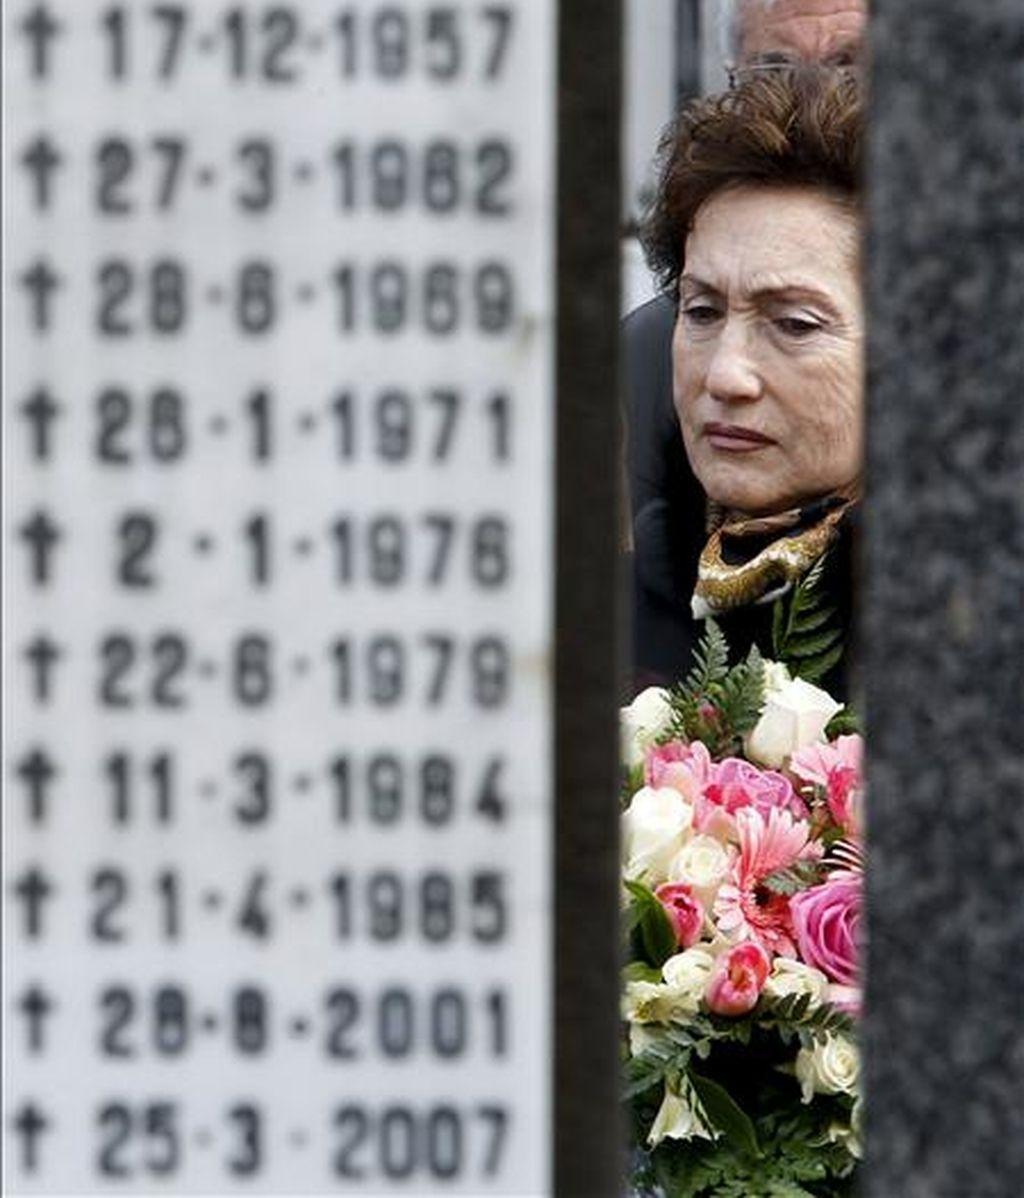 La viuda del abogado y dirigente socialista asesinado por ETA Fernando Múgica, Mapi Lasheras, asiste al homenaje a su marido celebrado en el cementerio de Polloe por el PSE-EE de Guipúzcoa, en el decimotercer aniversario del crimen. EFE